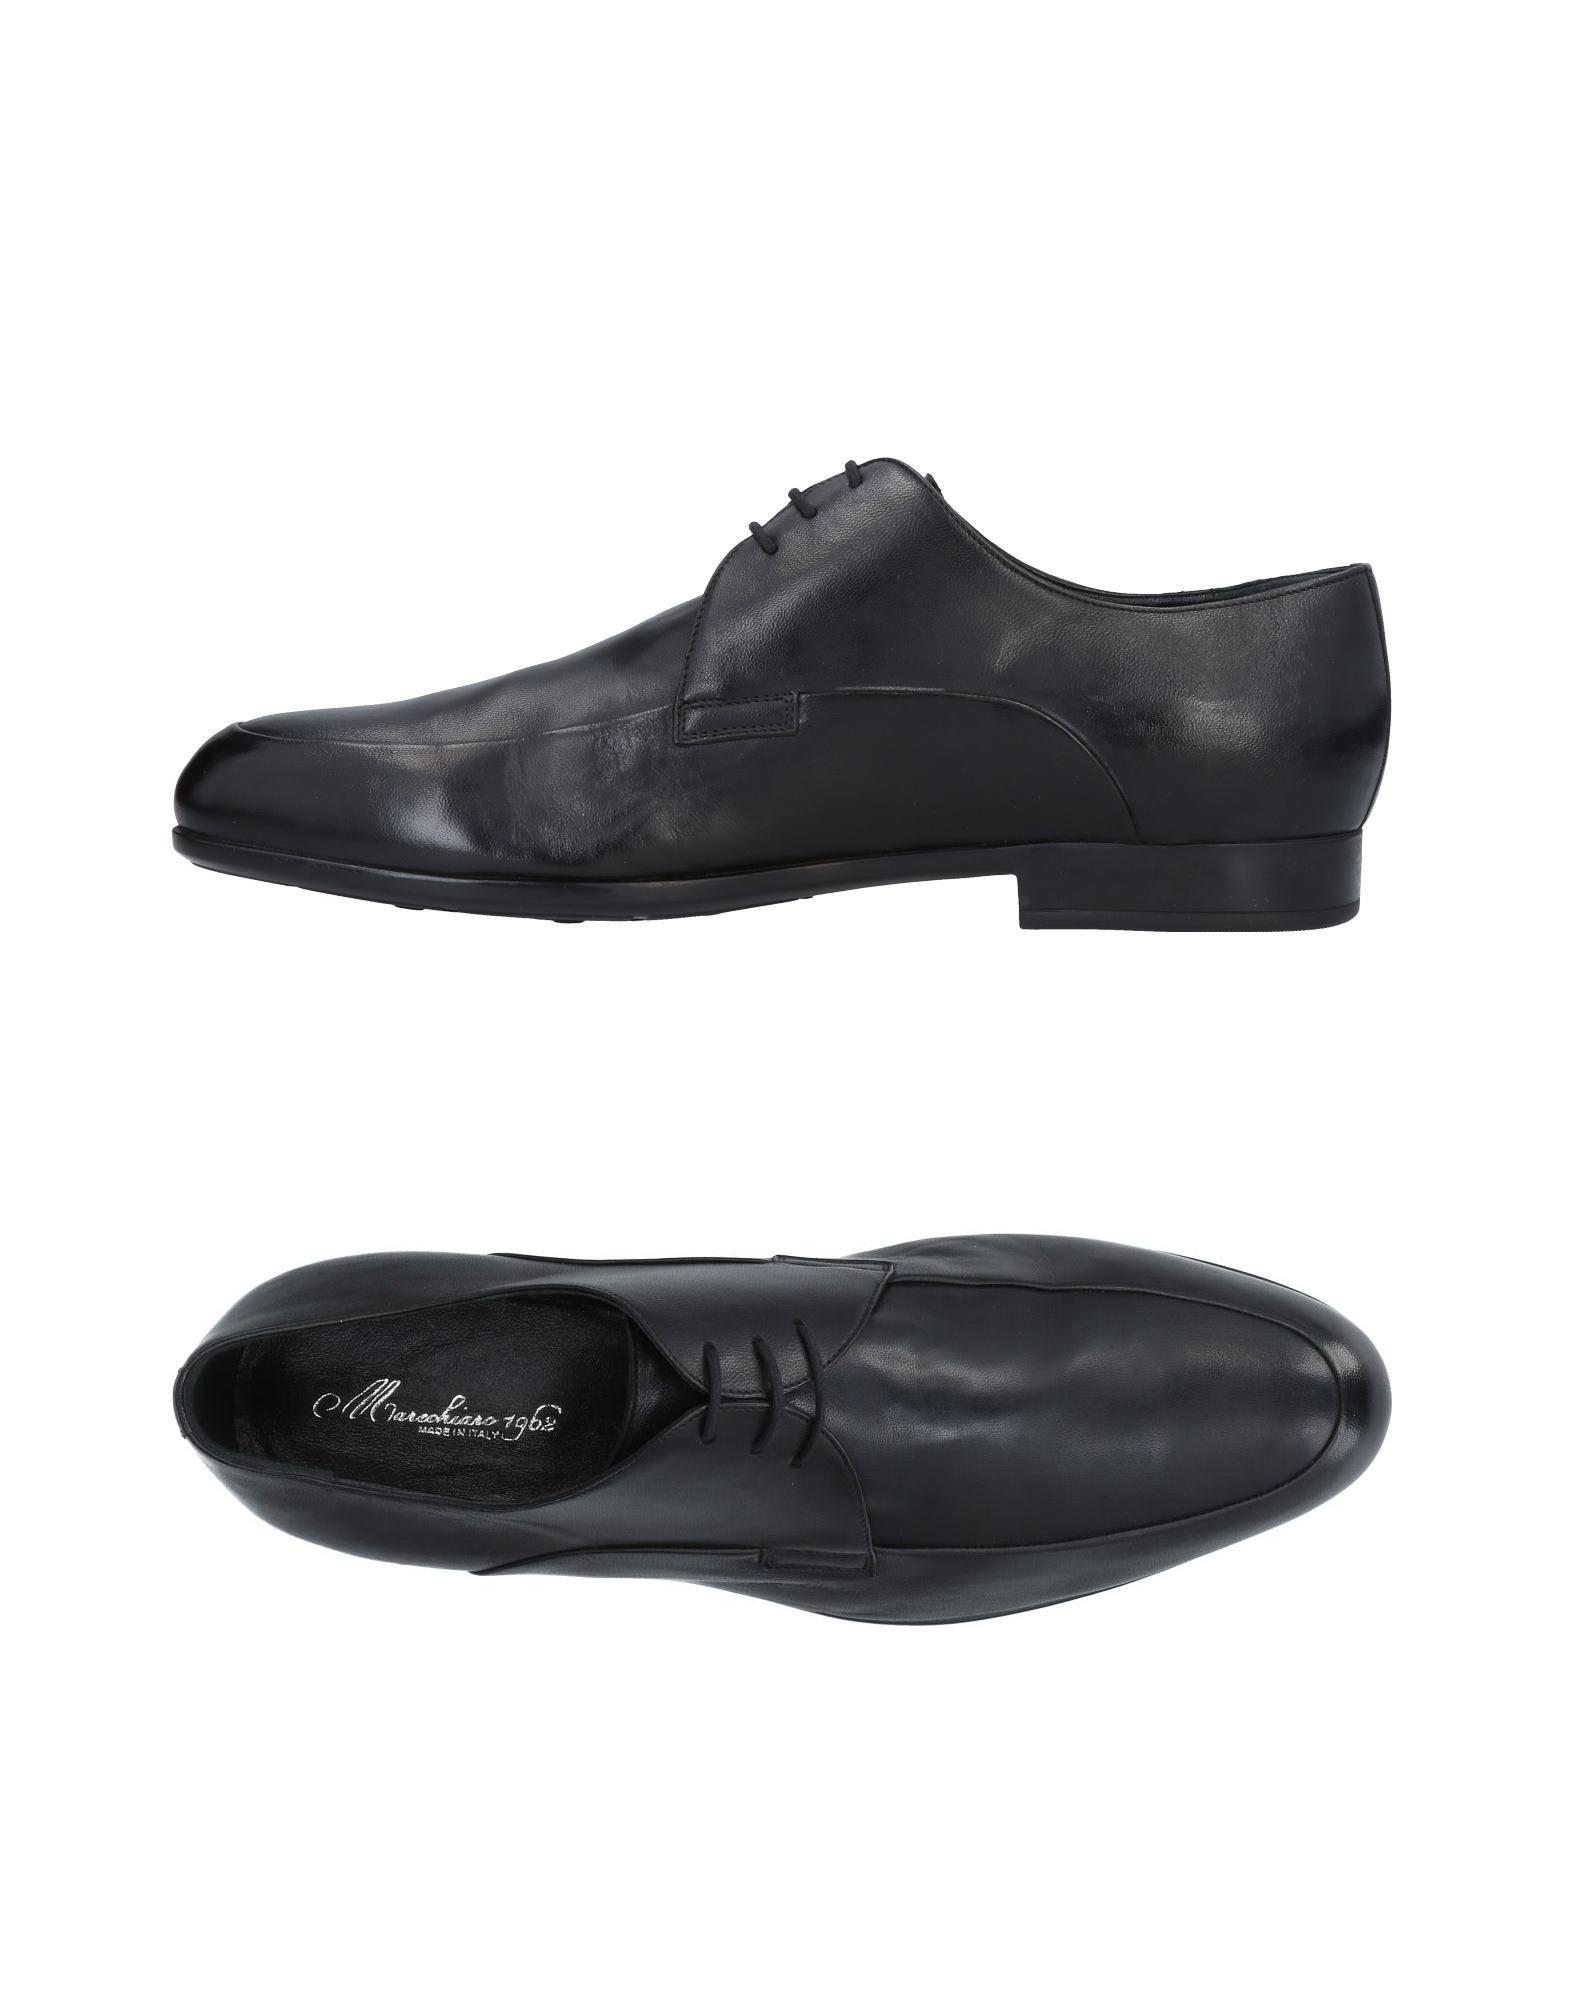 Rabatt echte Herren Schuhe Marechiaro 1962 Schnürschuhe Herren echte  11472882UX 29167f